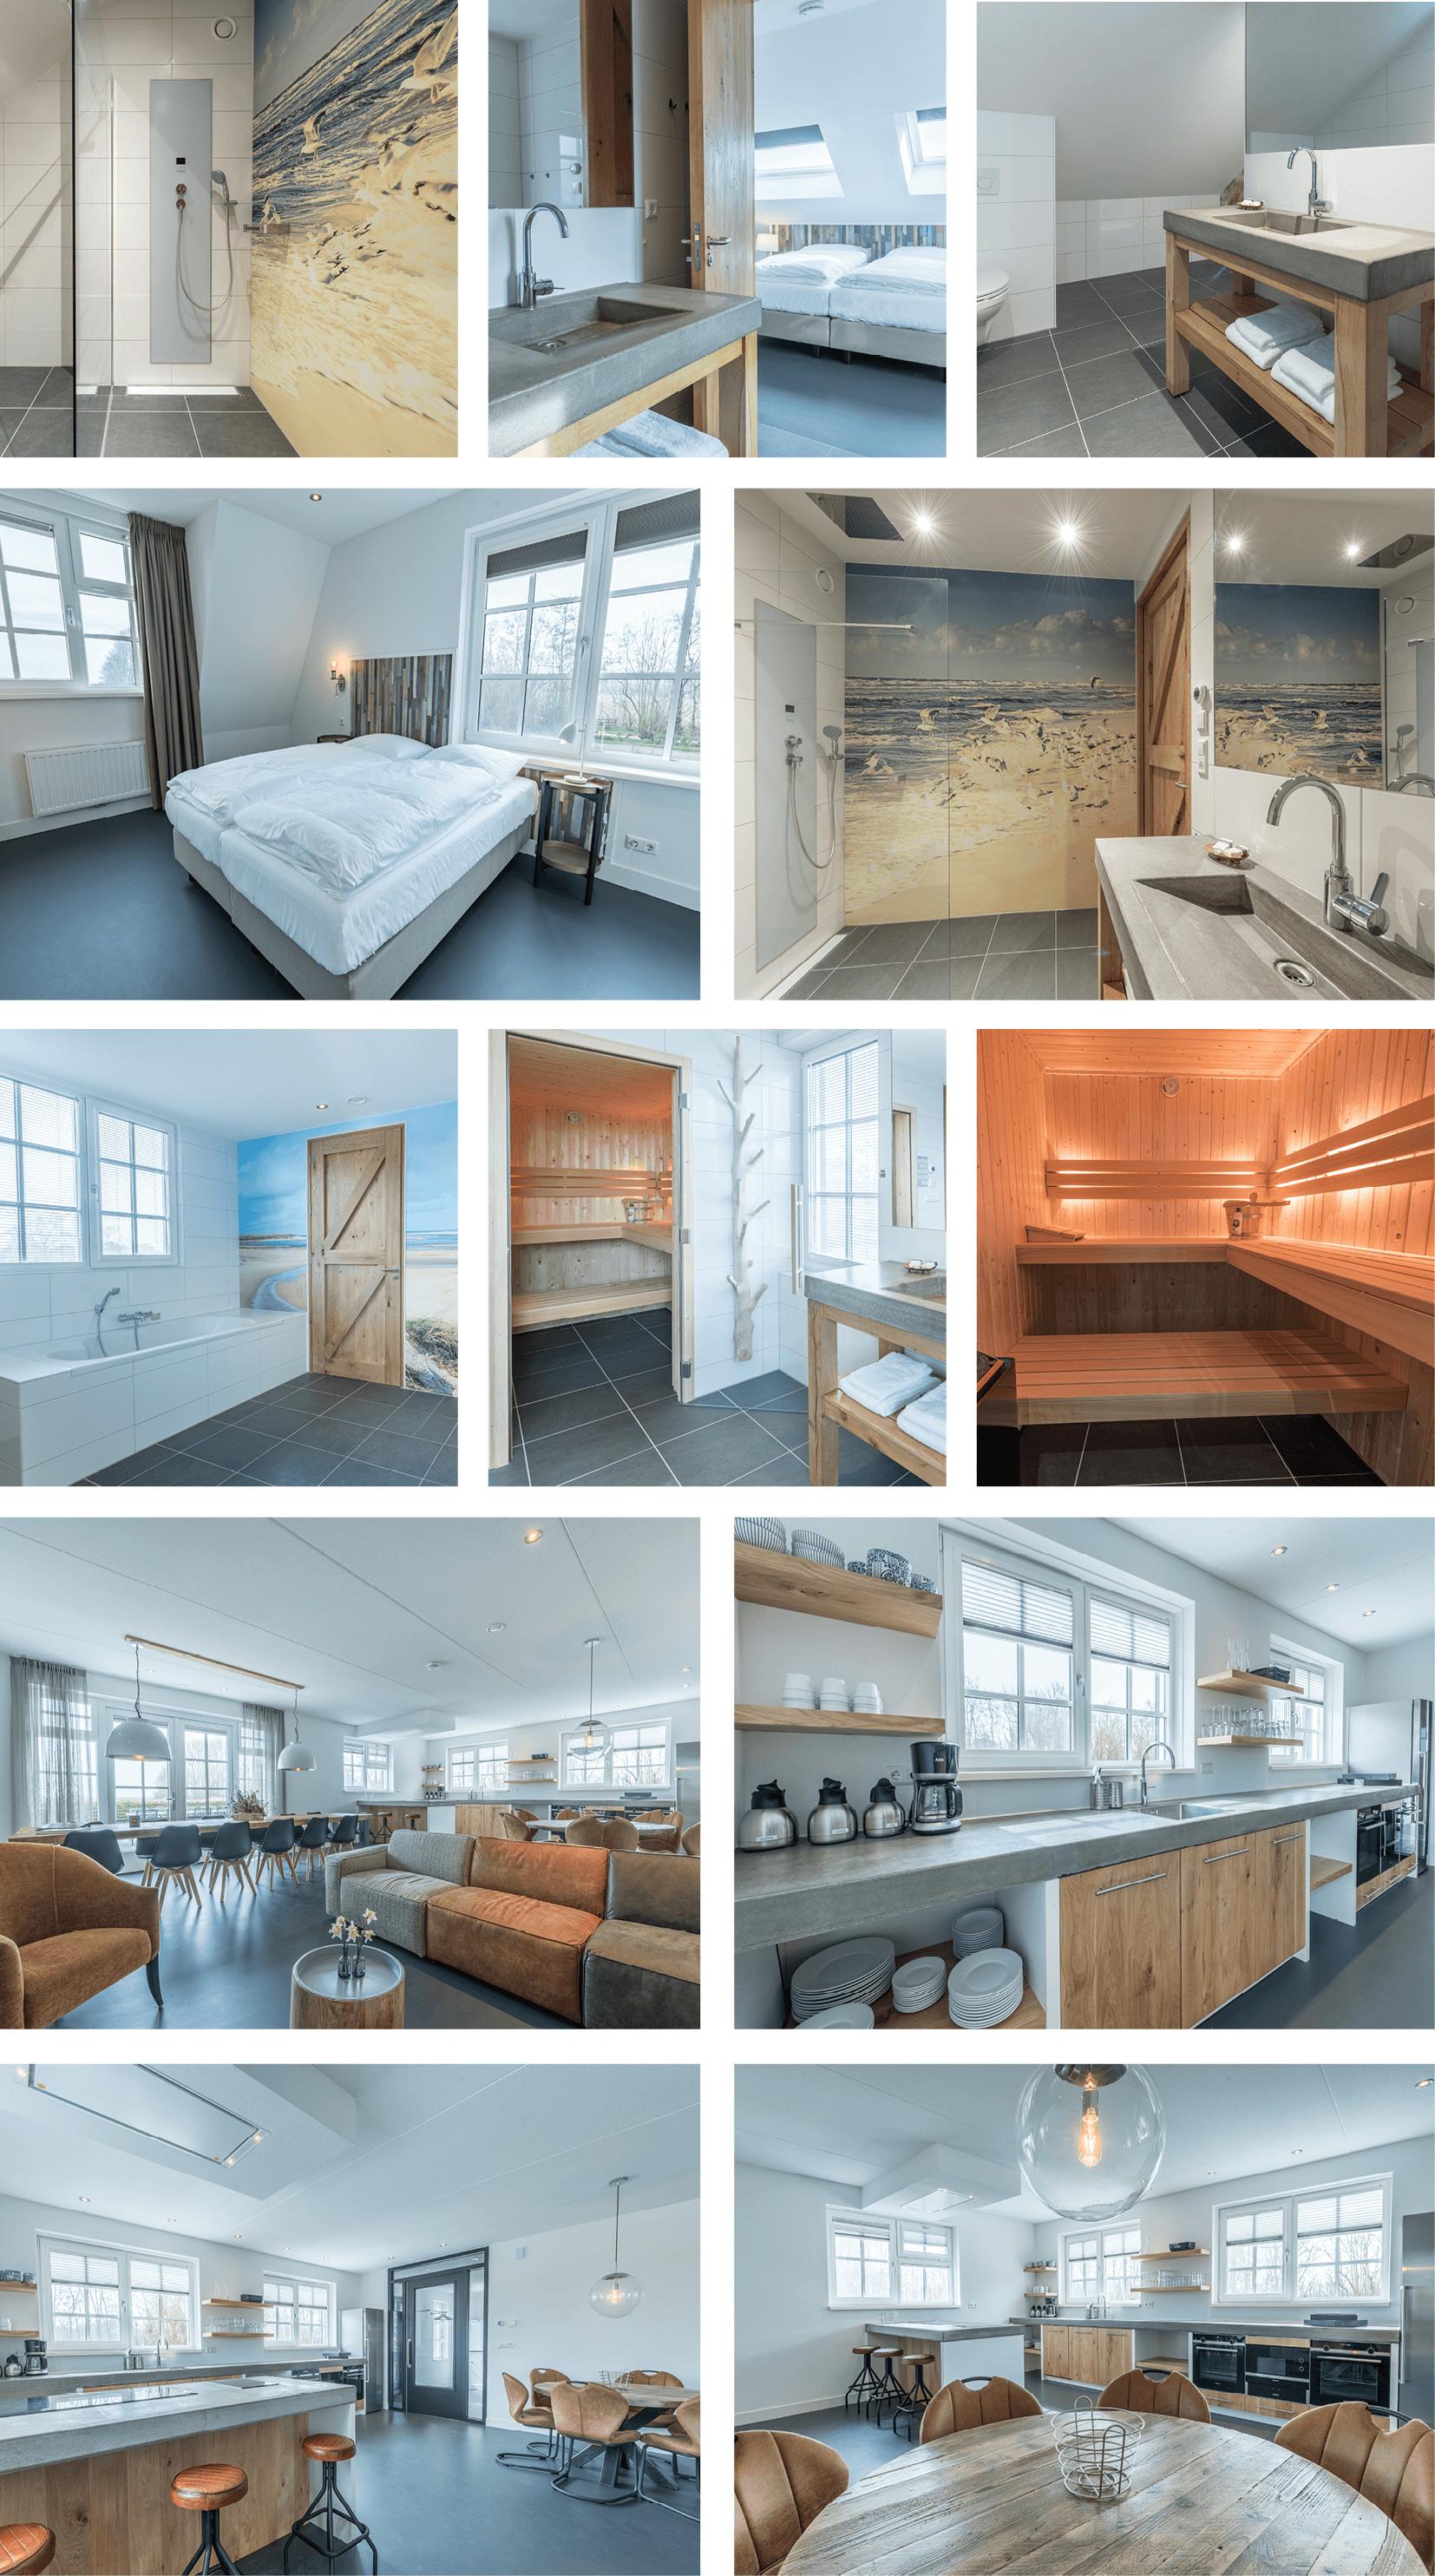 Nieuw_Leven_Texel_Vernieuwde_accommodate_fotos_blogpost.png